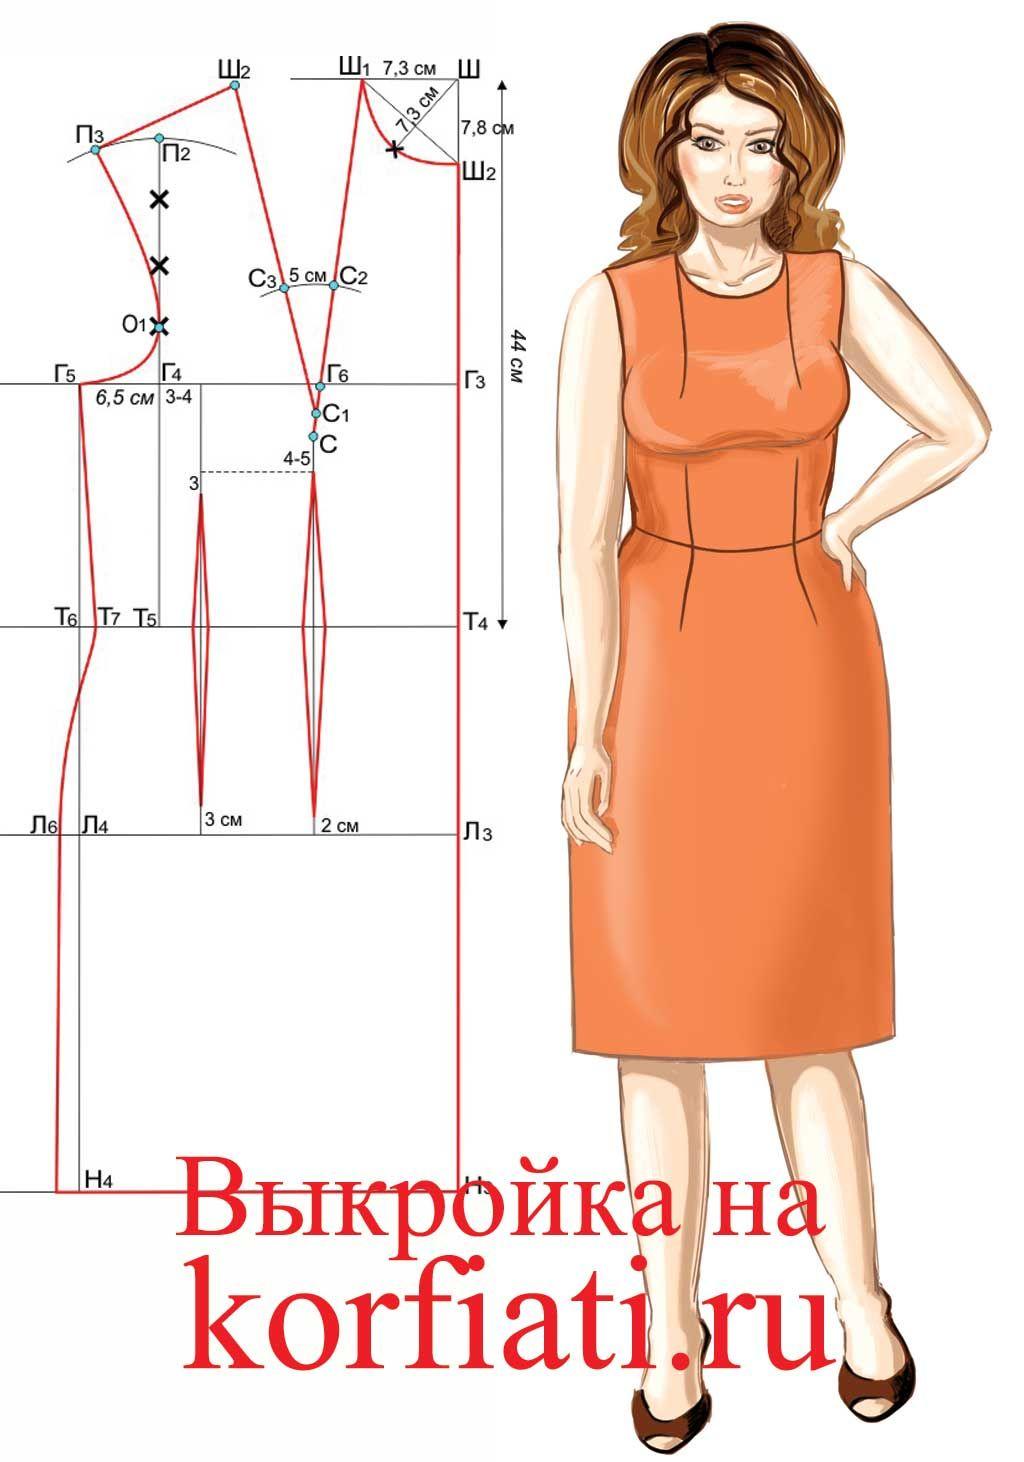 Готовые выкройки блузок 50 размер фото 18